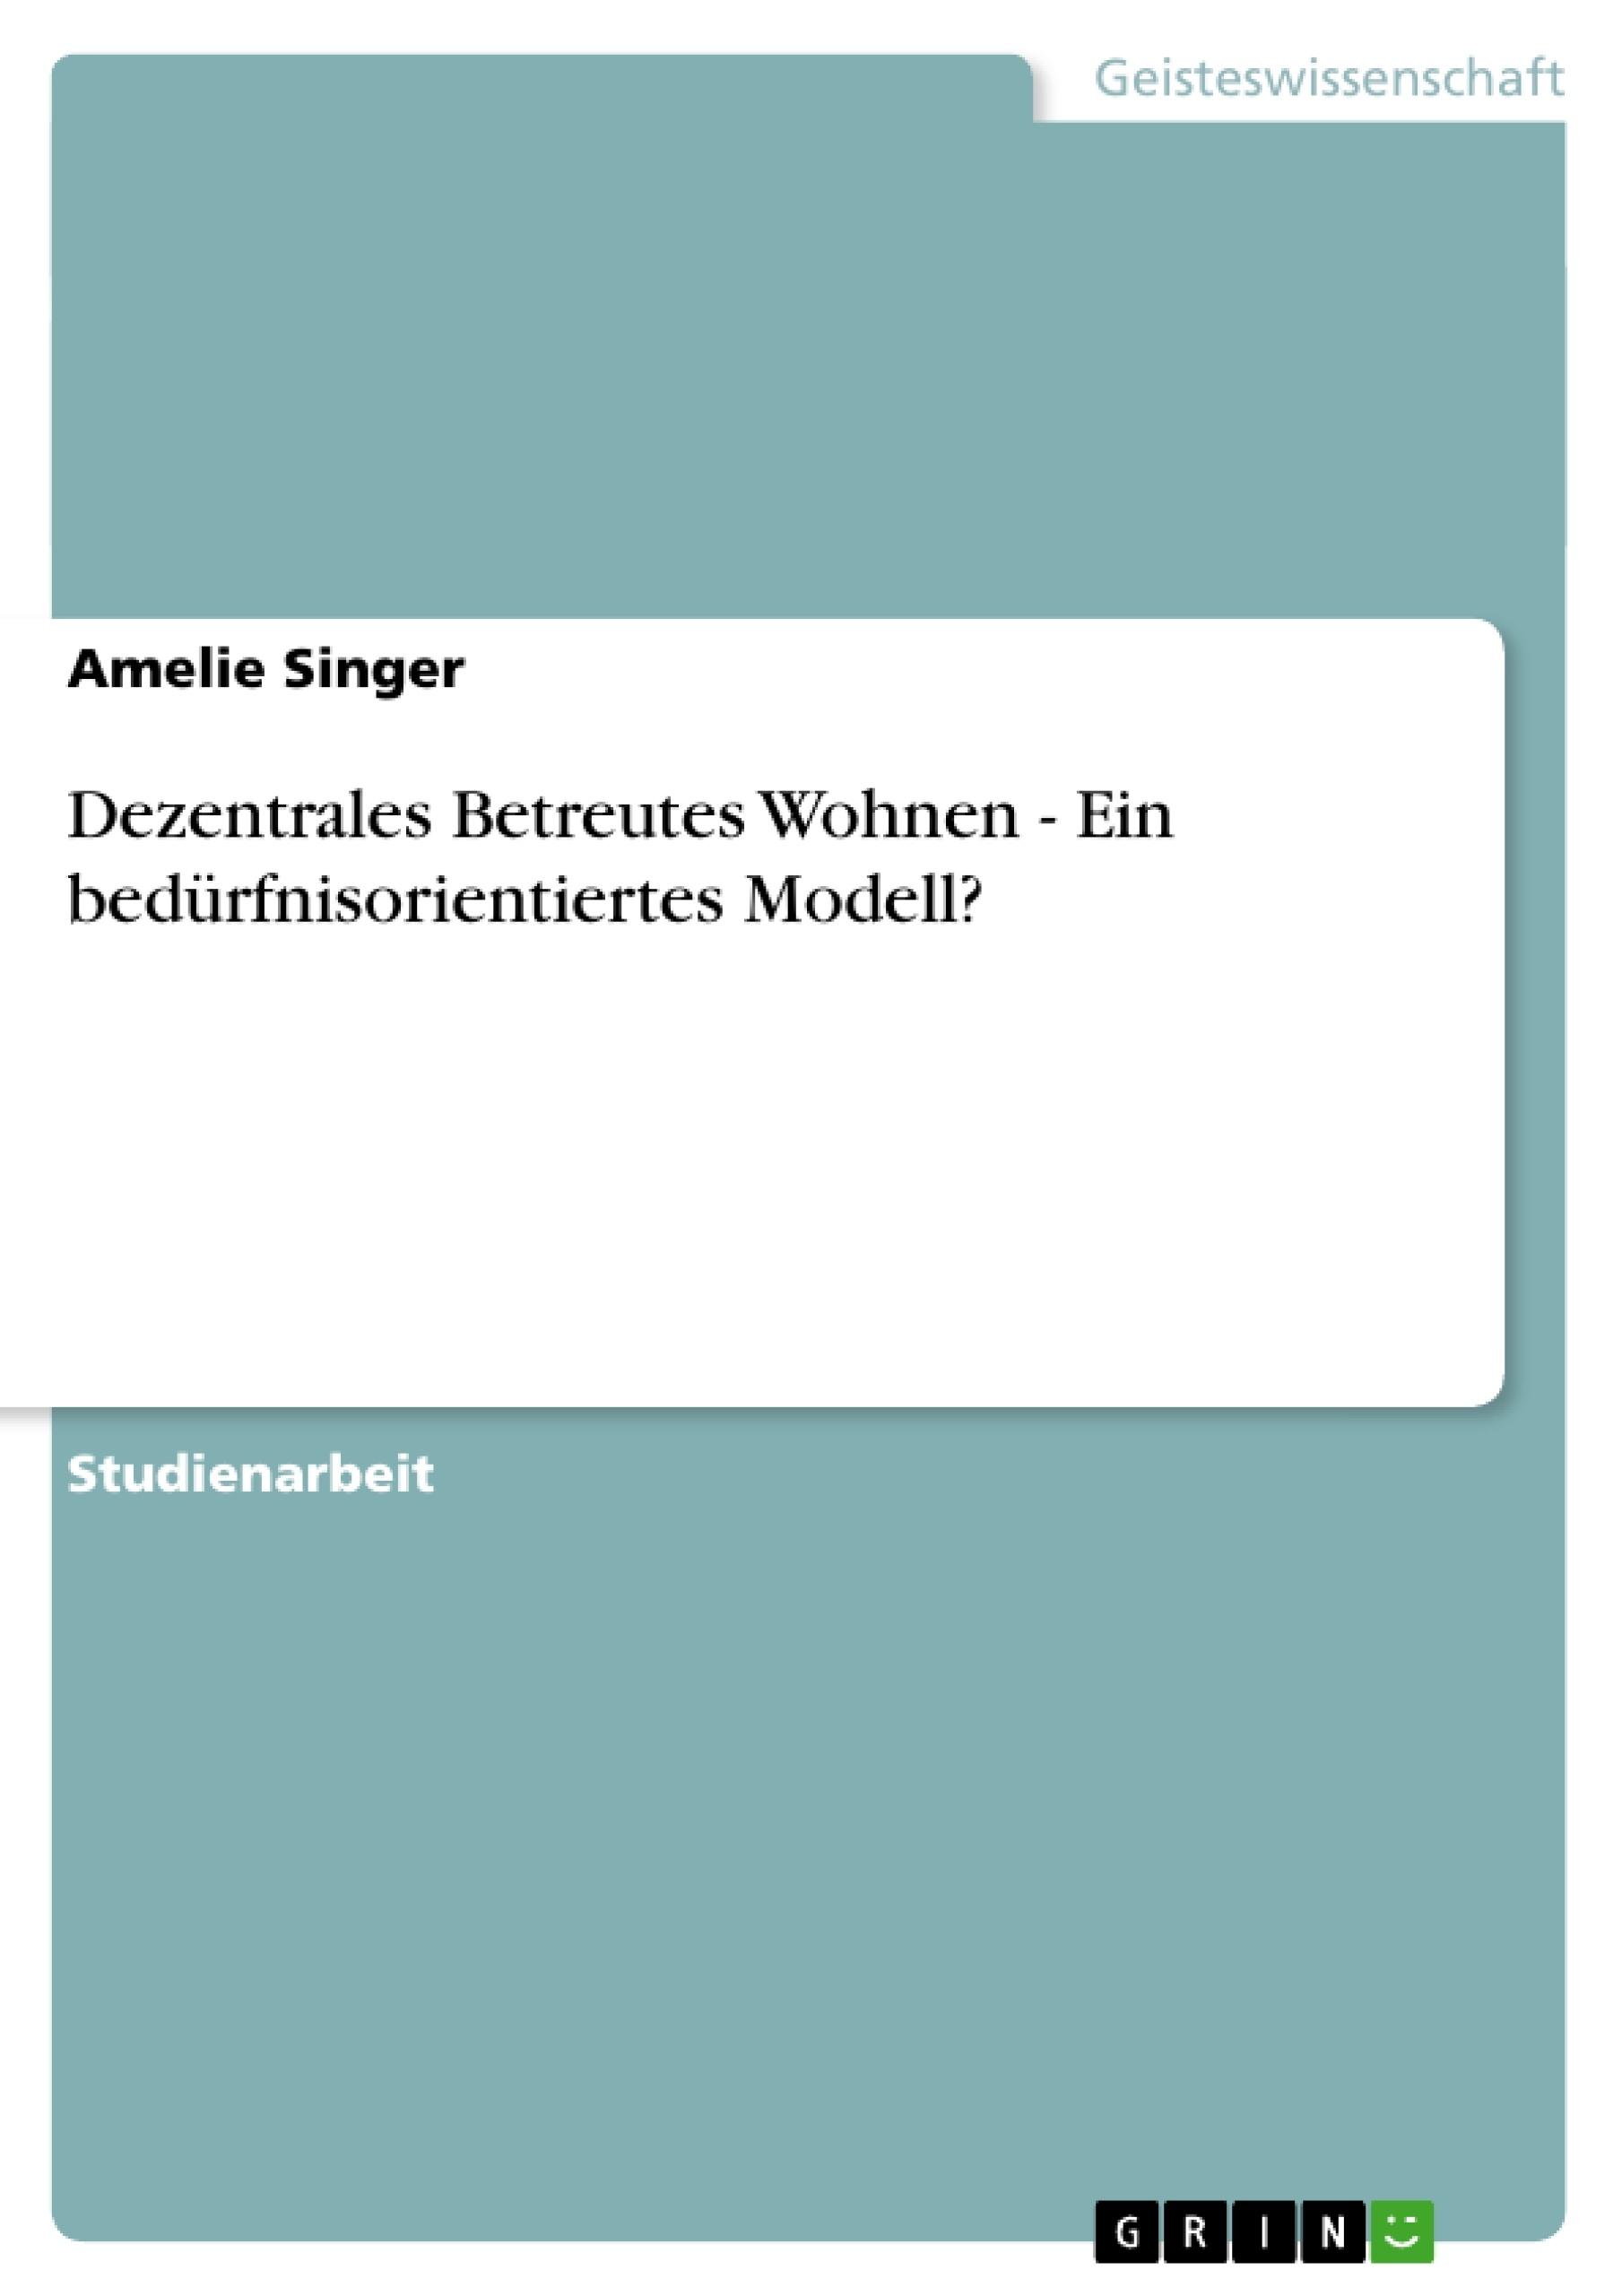 Titel: Dezentrales Betreutes Wohnen - Ein bedürfnisorientiertes Modell?